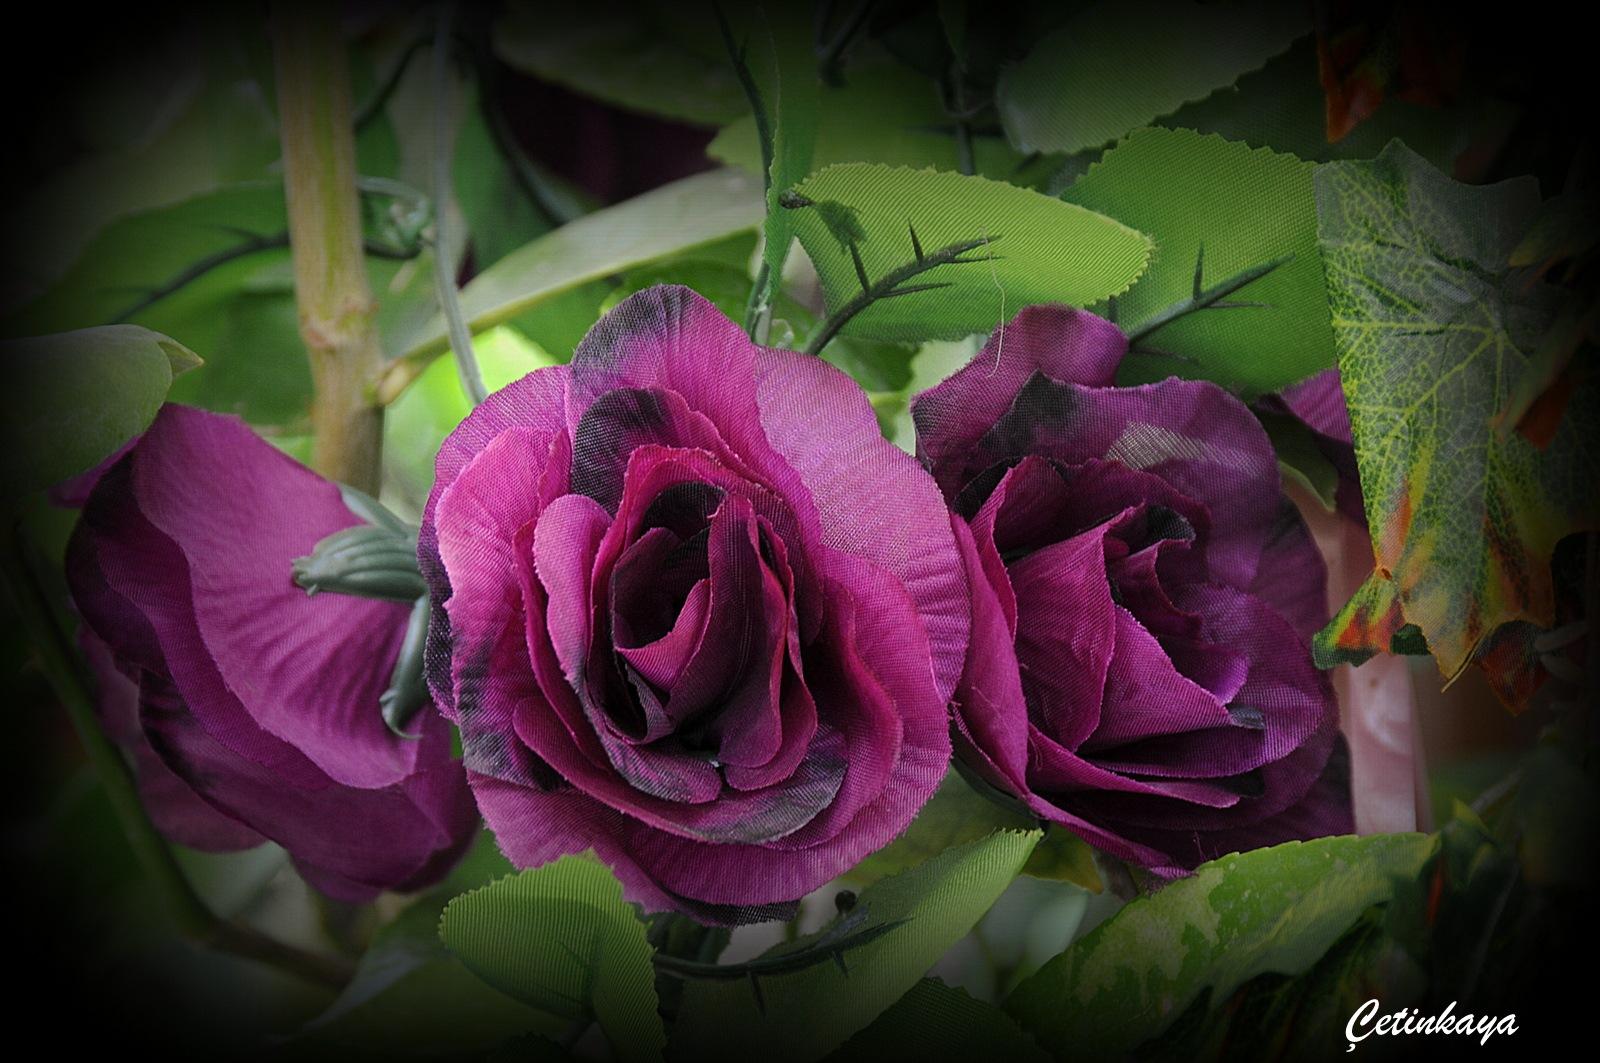 rose by minas_cetinkaya